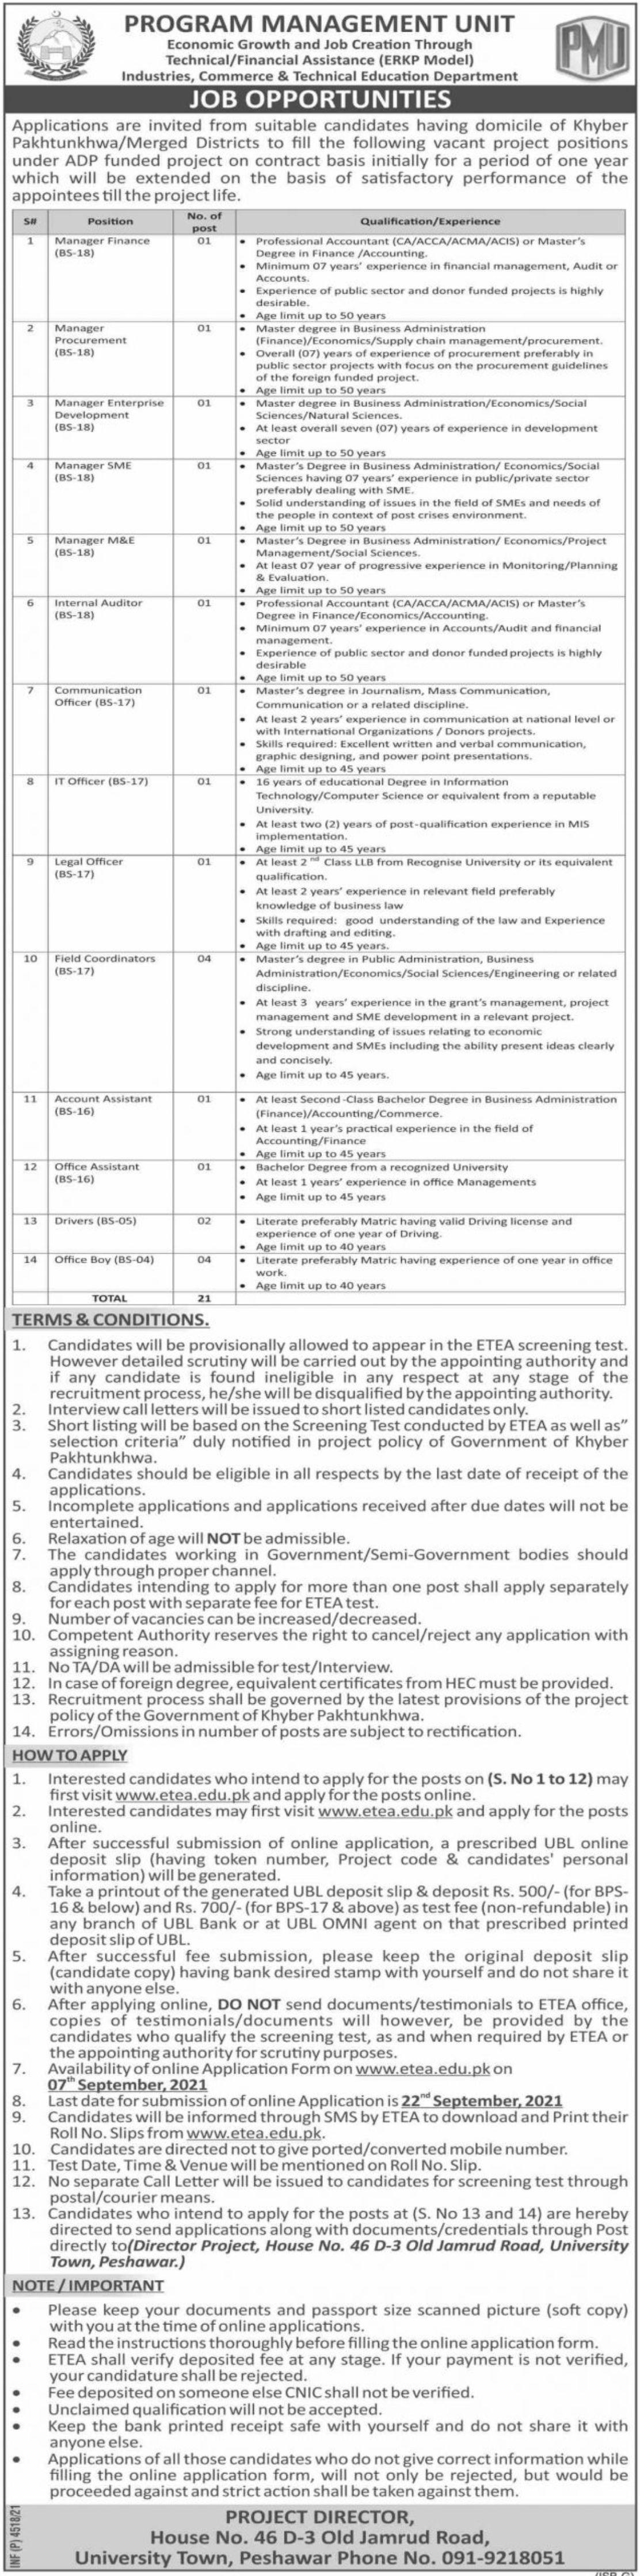 Program Management Unit Vacancies 2021 3